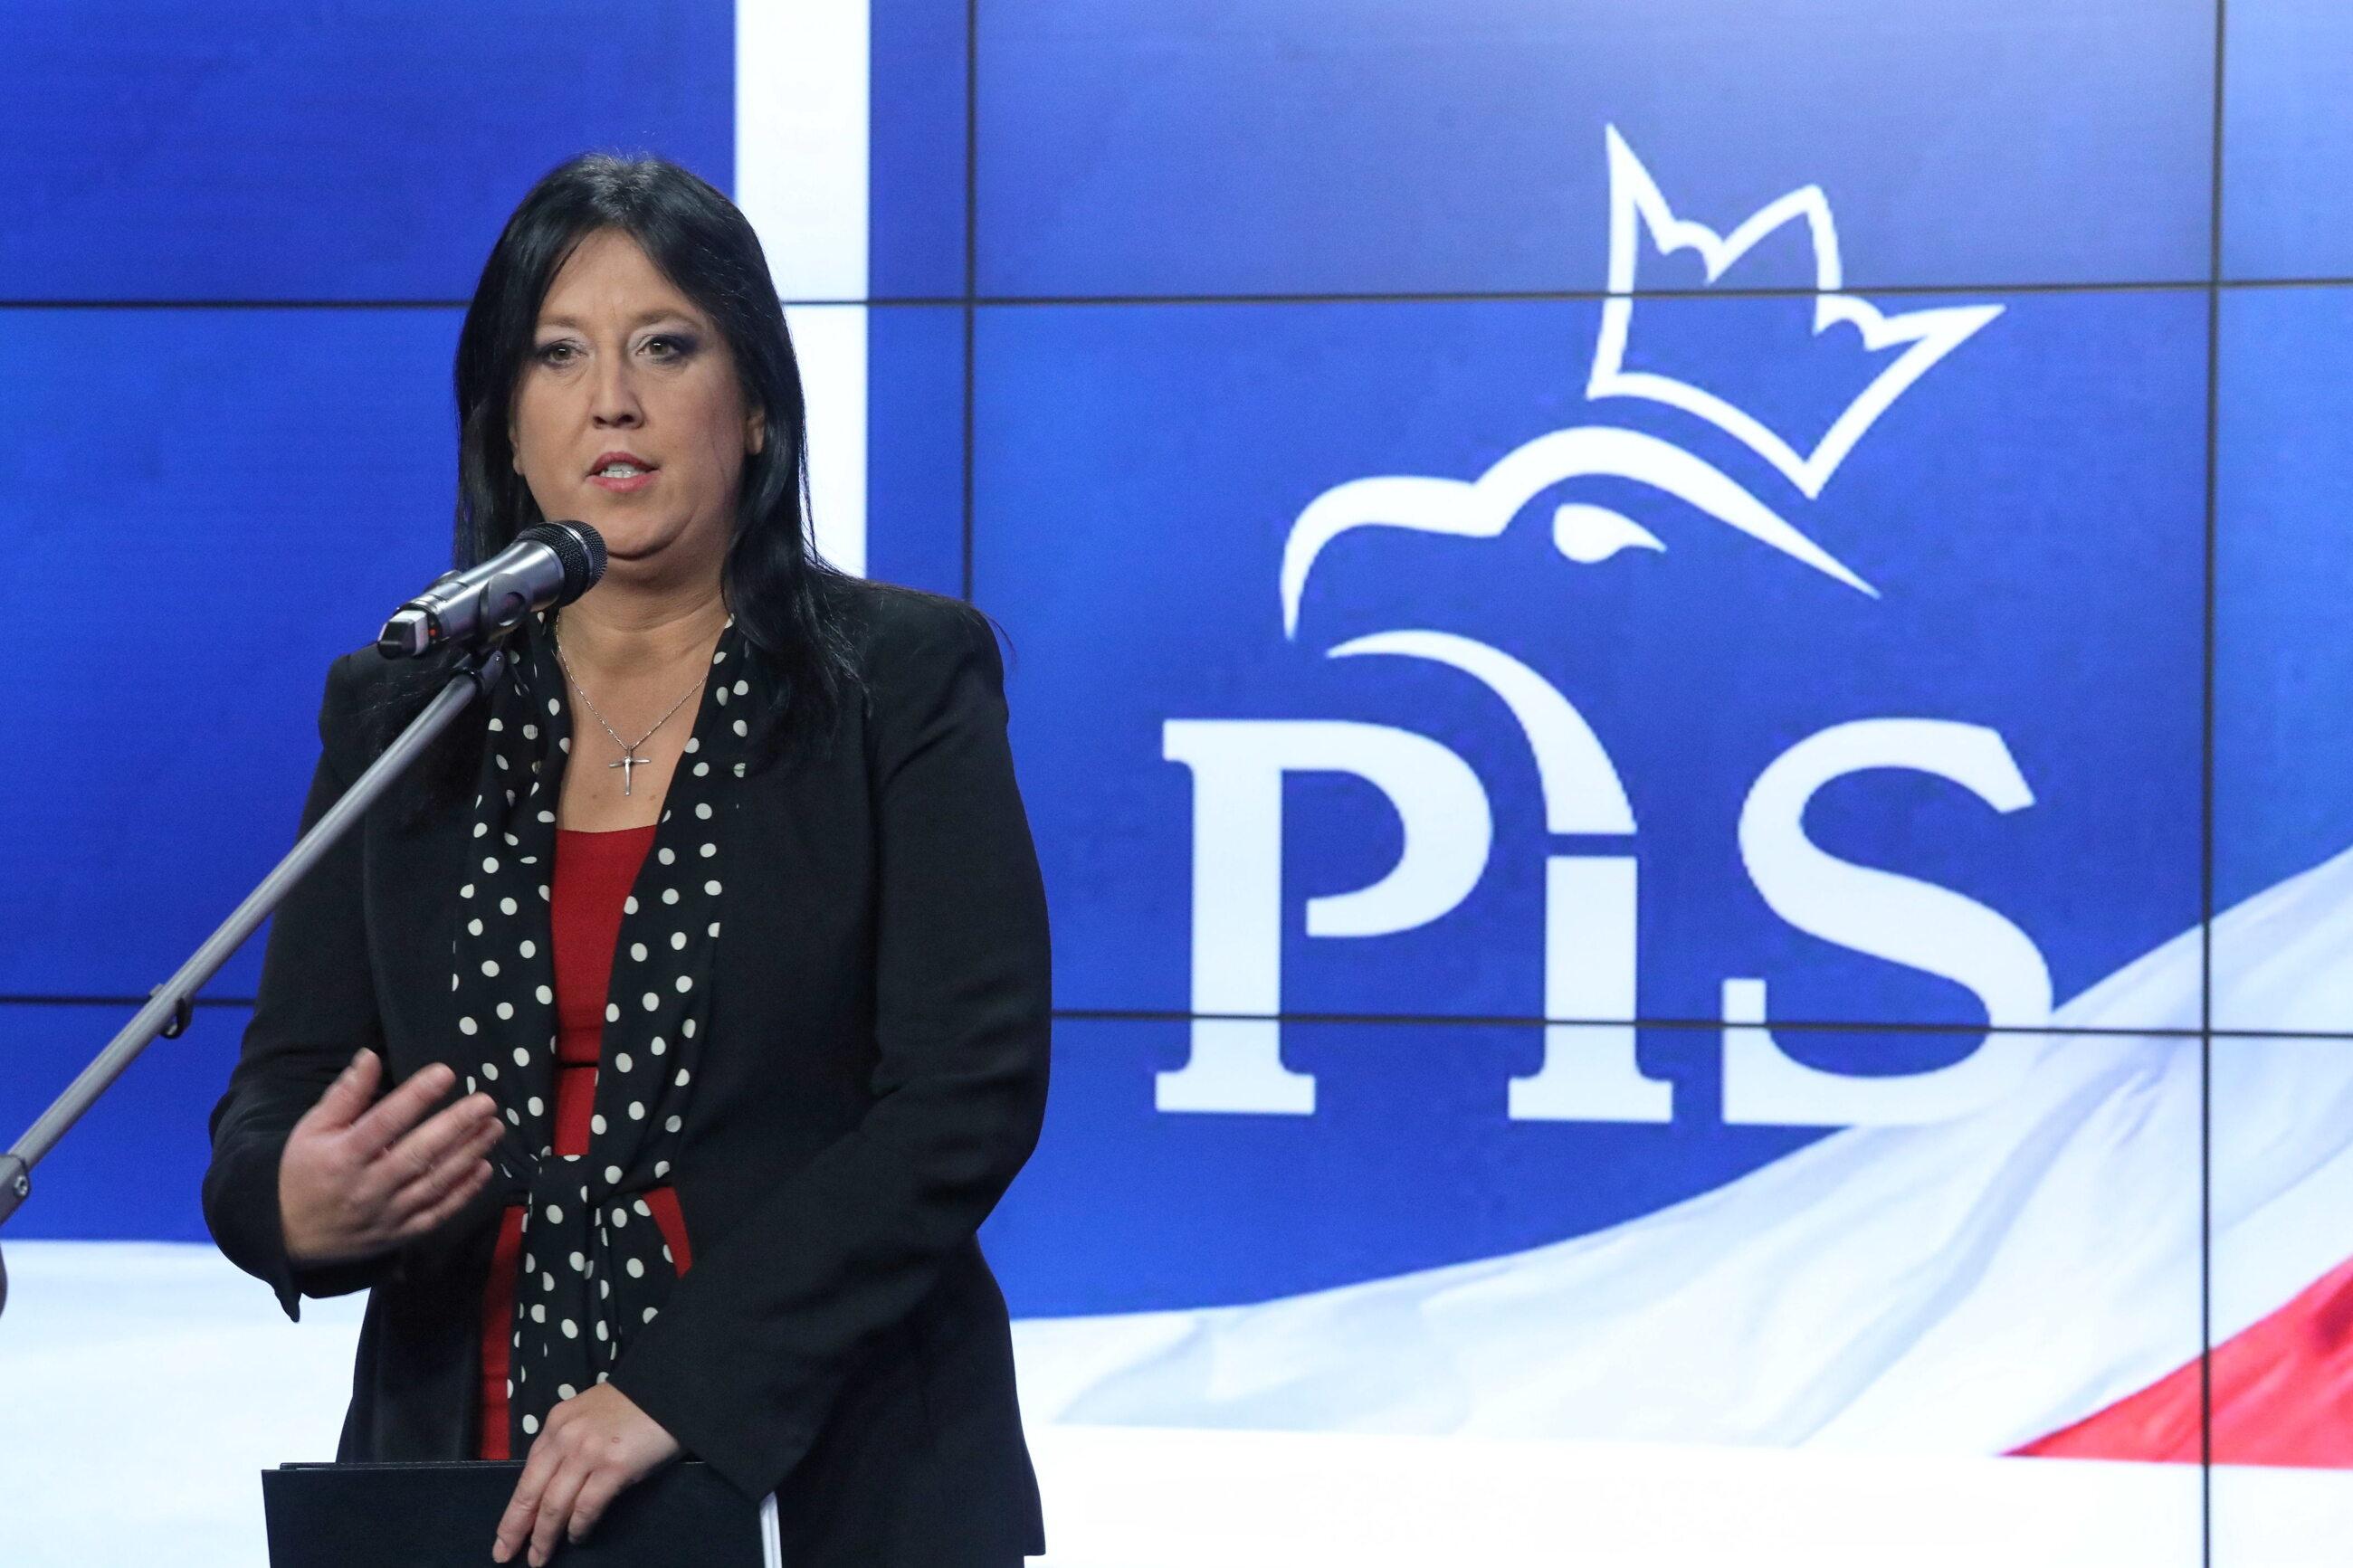 Rzecznik PiS Anita Czerwińska